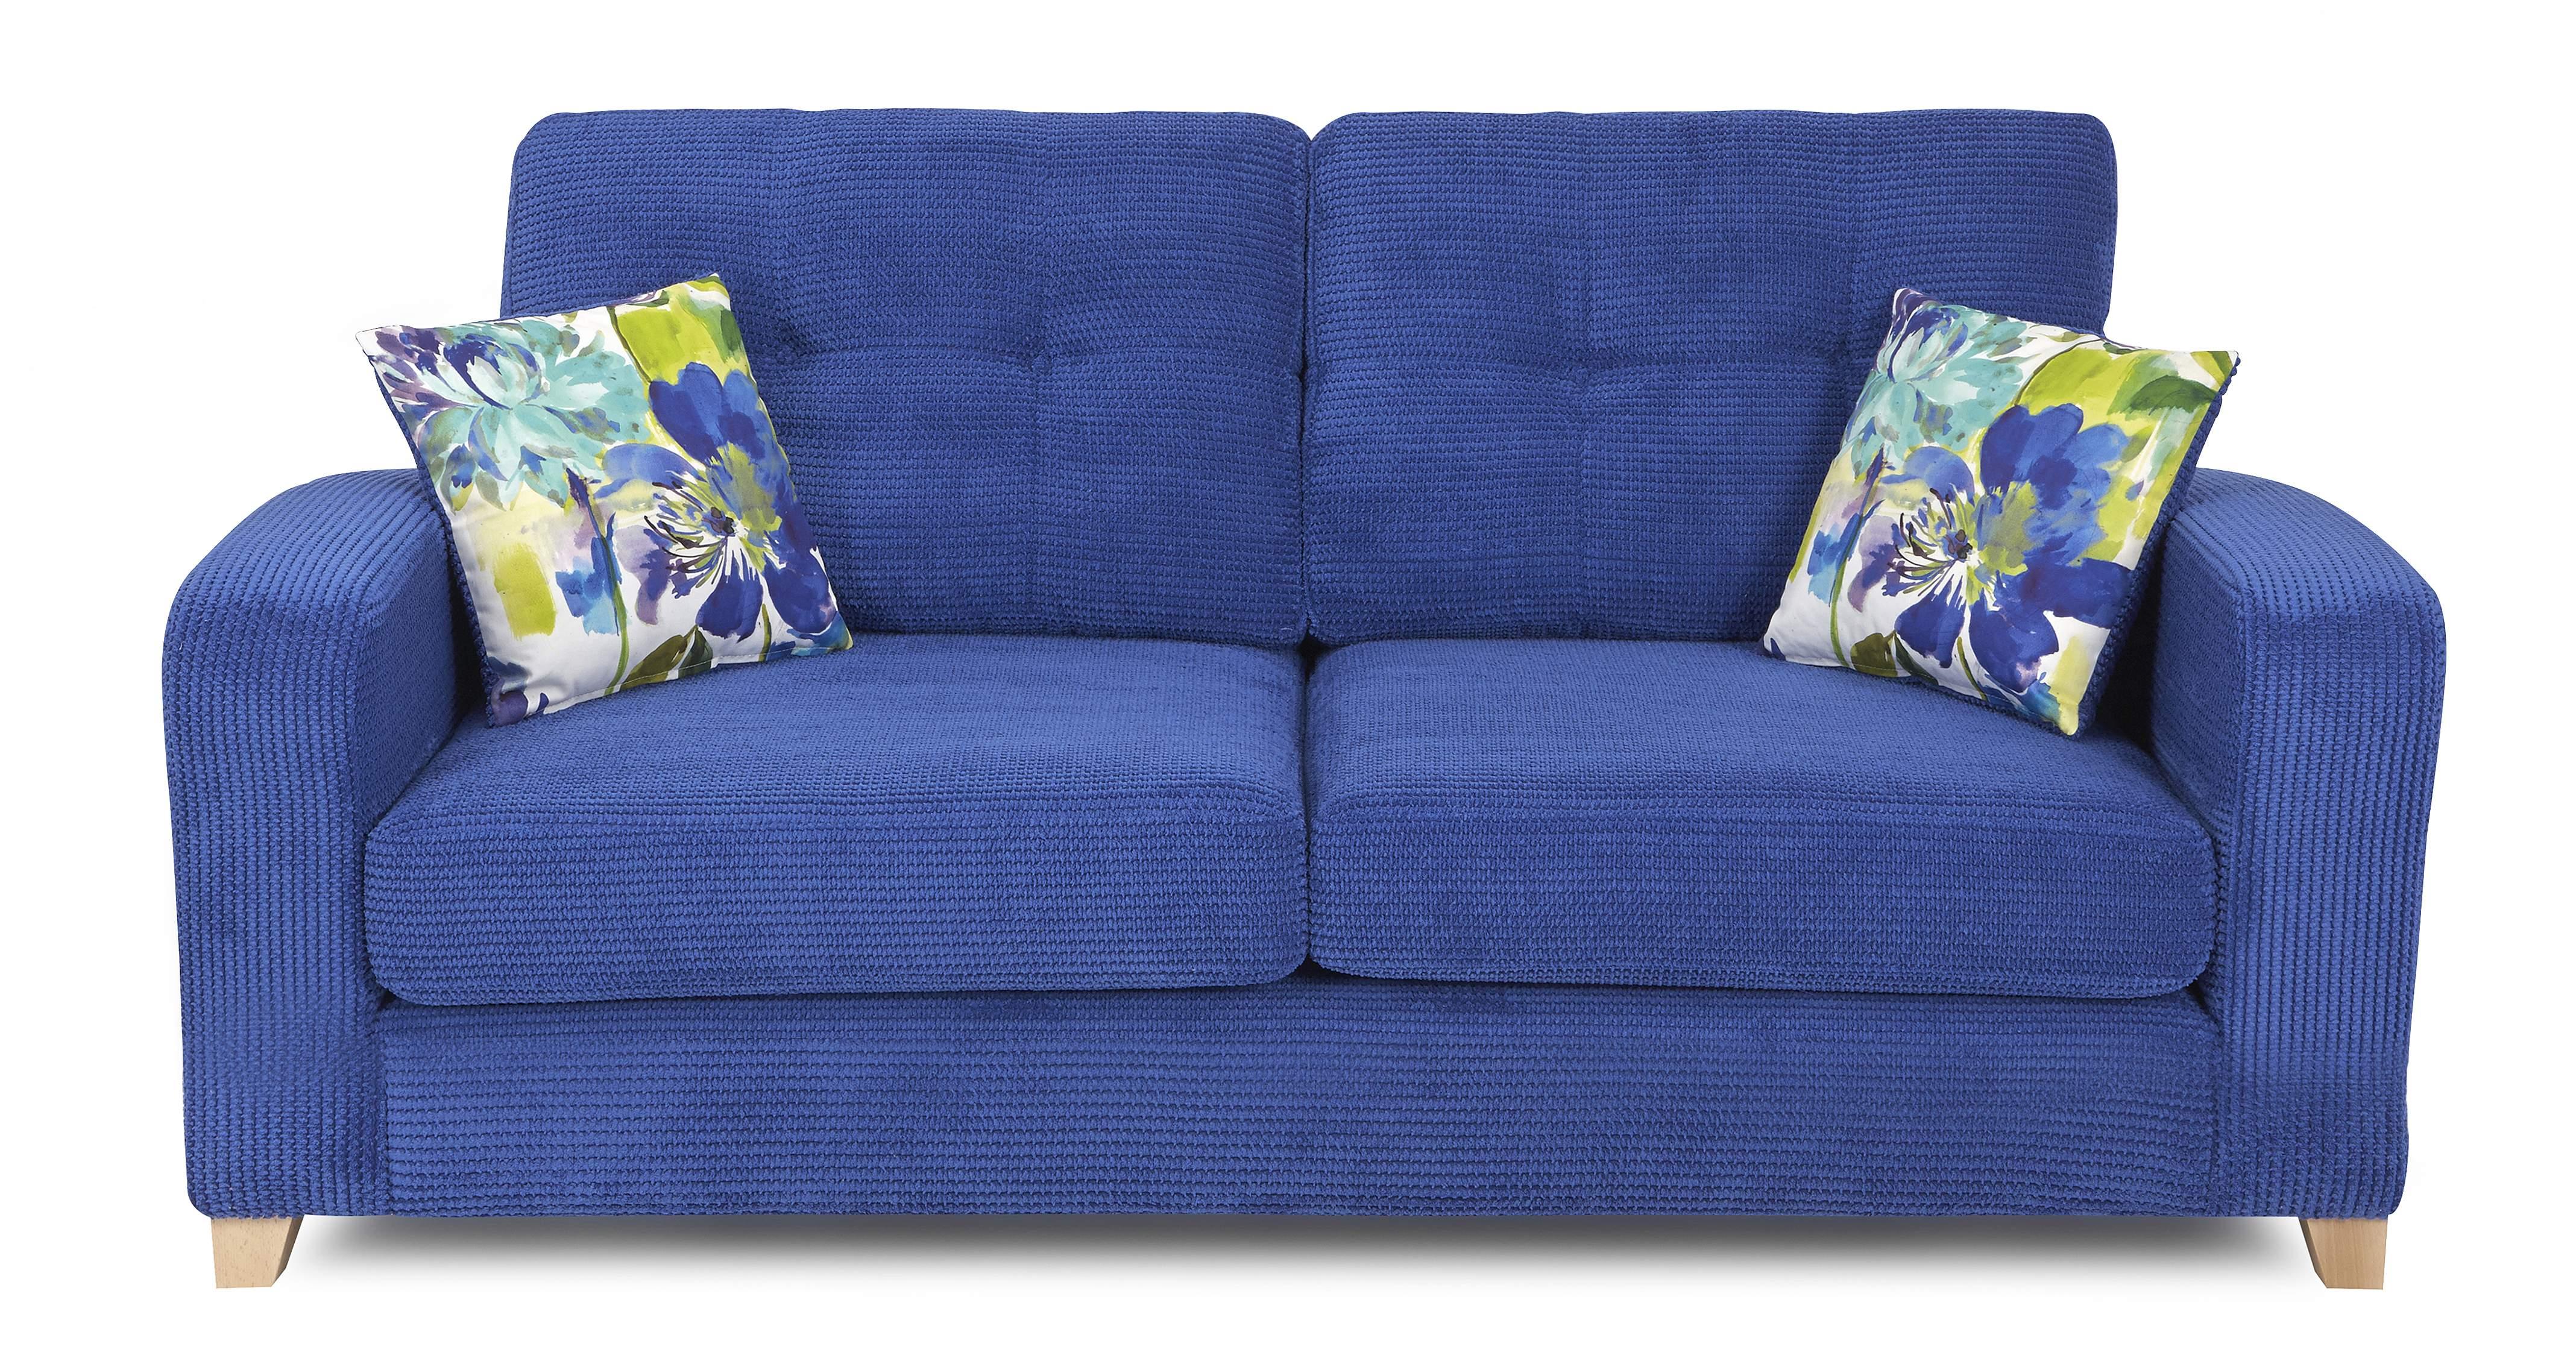 Dfs Artist 2 Seater Formal Back Blue Sofa Bed Ebay